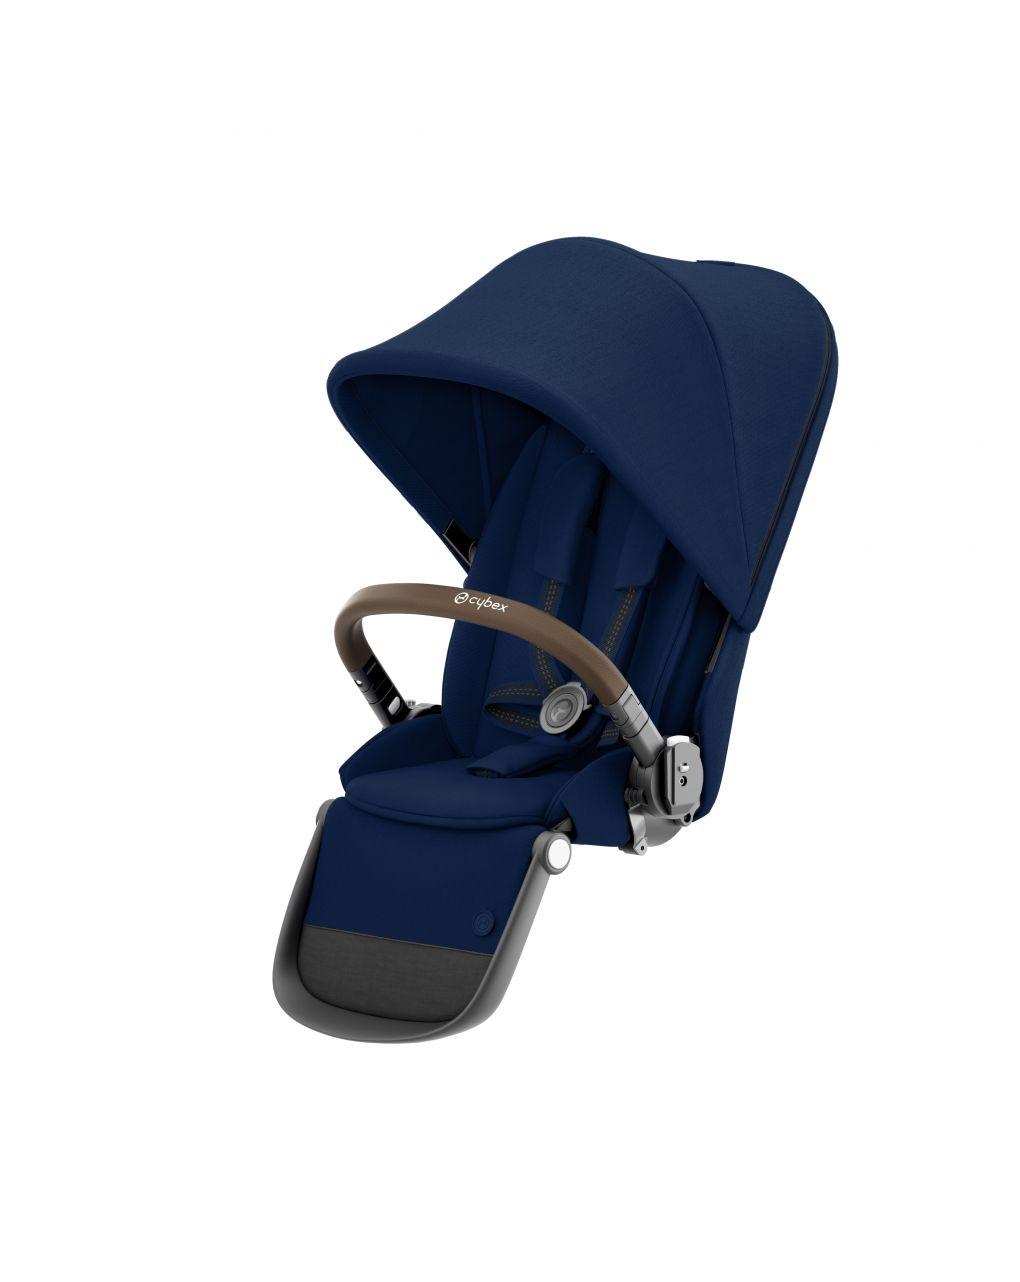 Seduta aggiuntiva per passegginogazelle s con telaiotaupe e maniglione in ecopellemarrone - Cybex